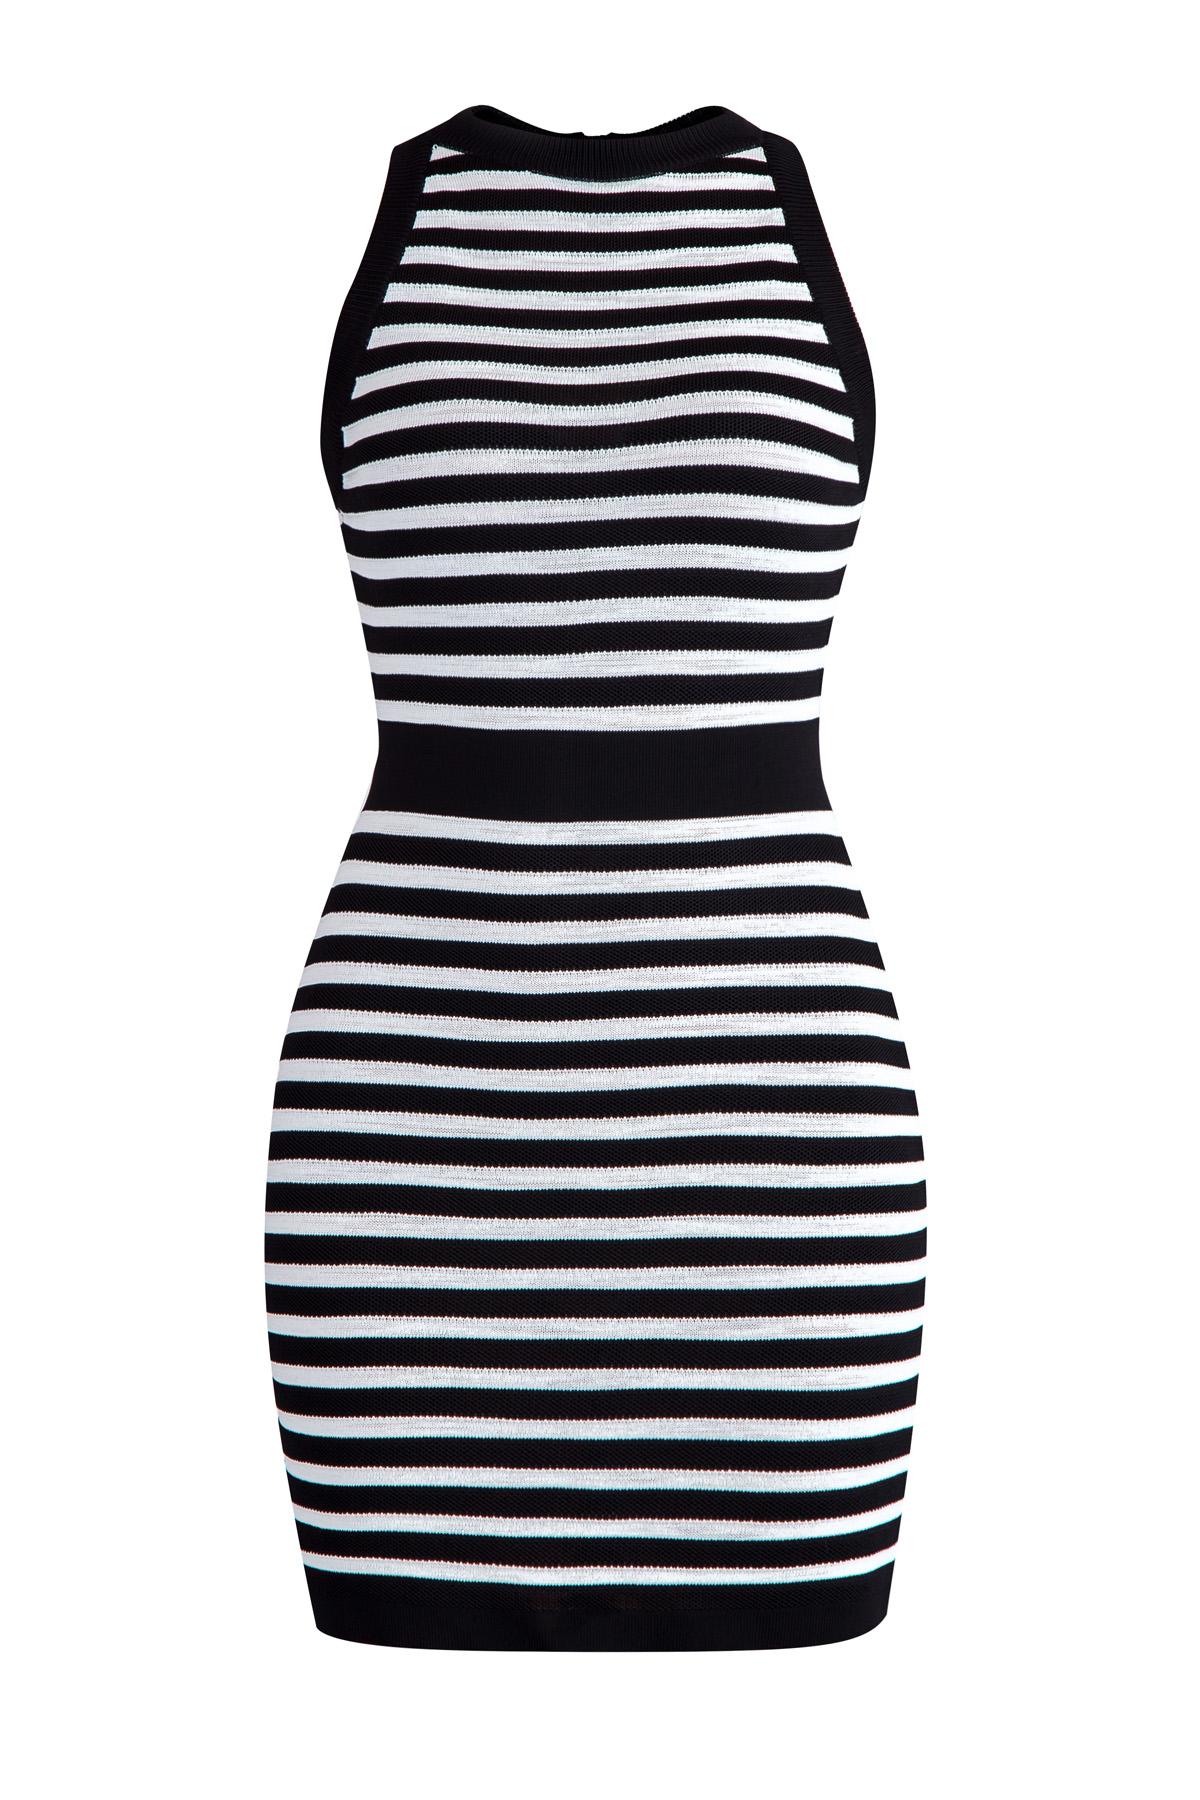 Купить со скидкой Платье-мини без рукавов с вязаным узором в черно-белую полоску